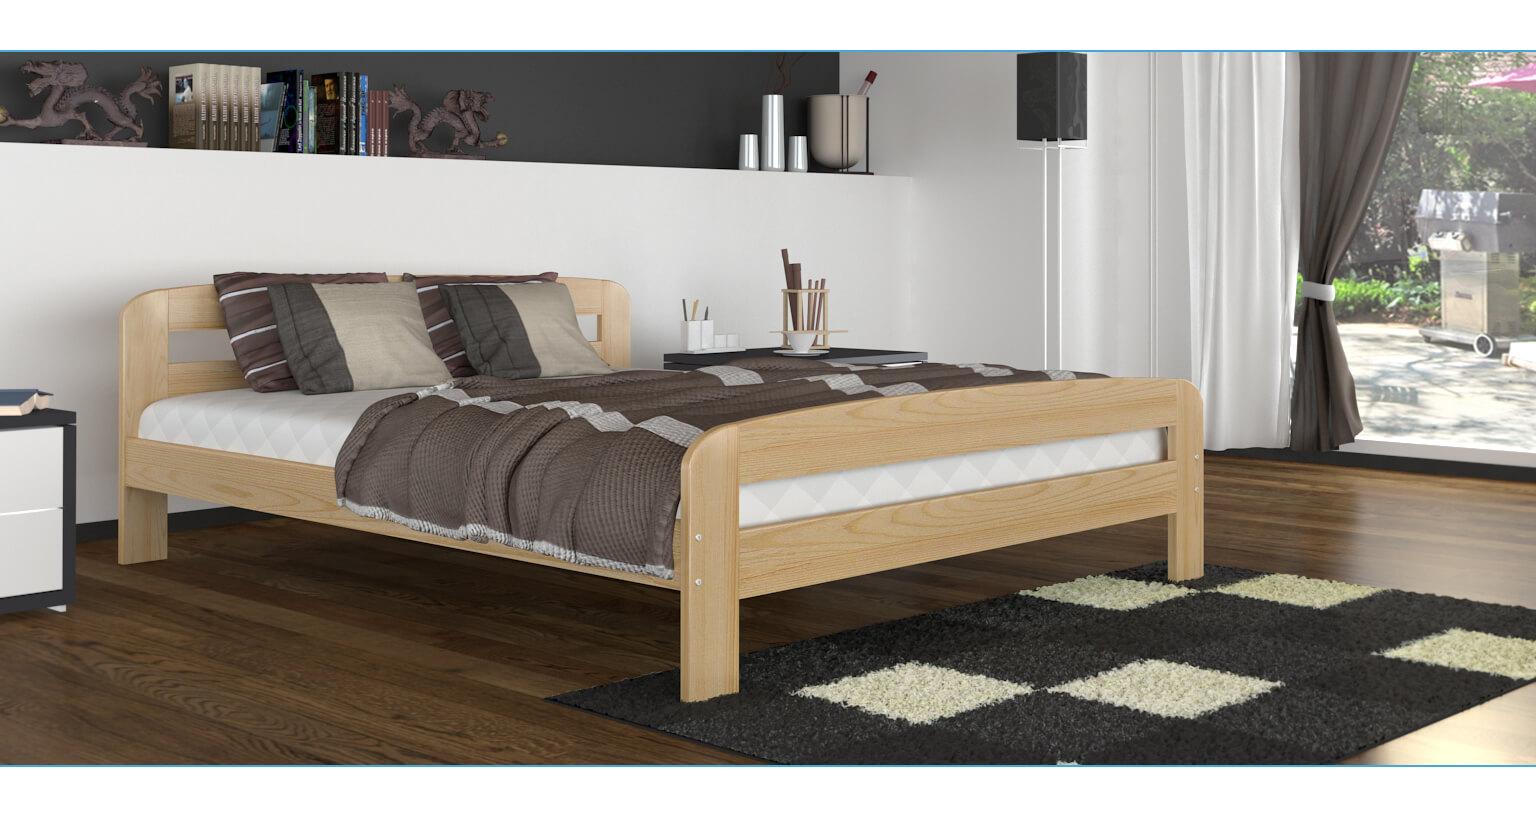 Łóżko z drewnianym stelażem 160x200